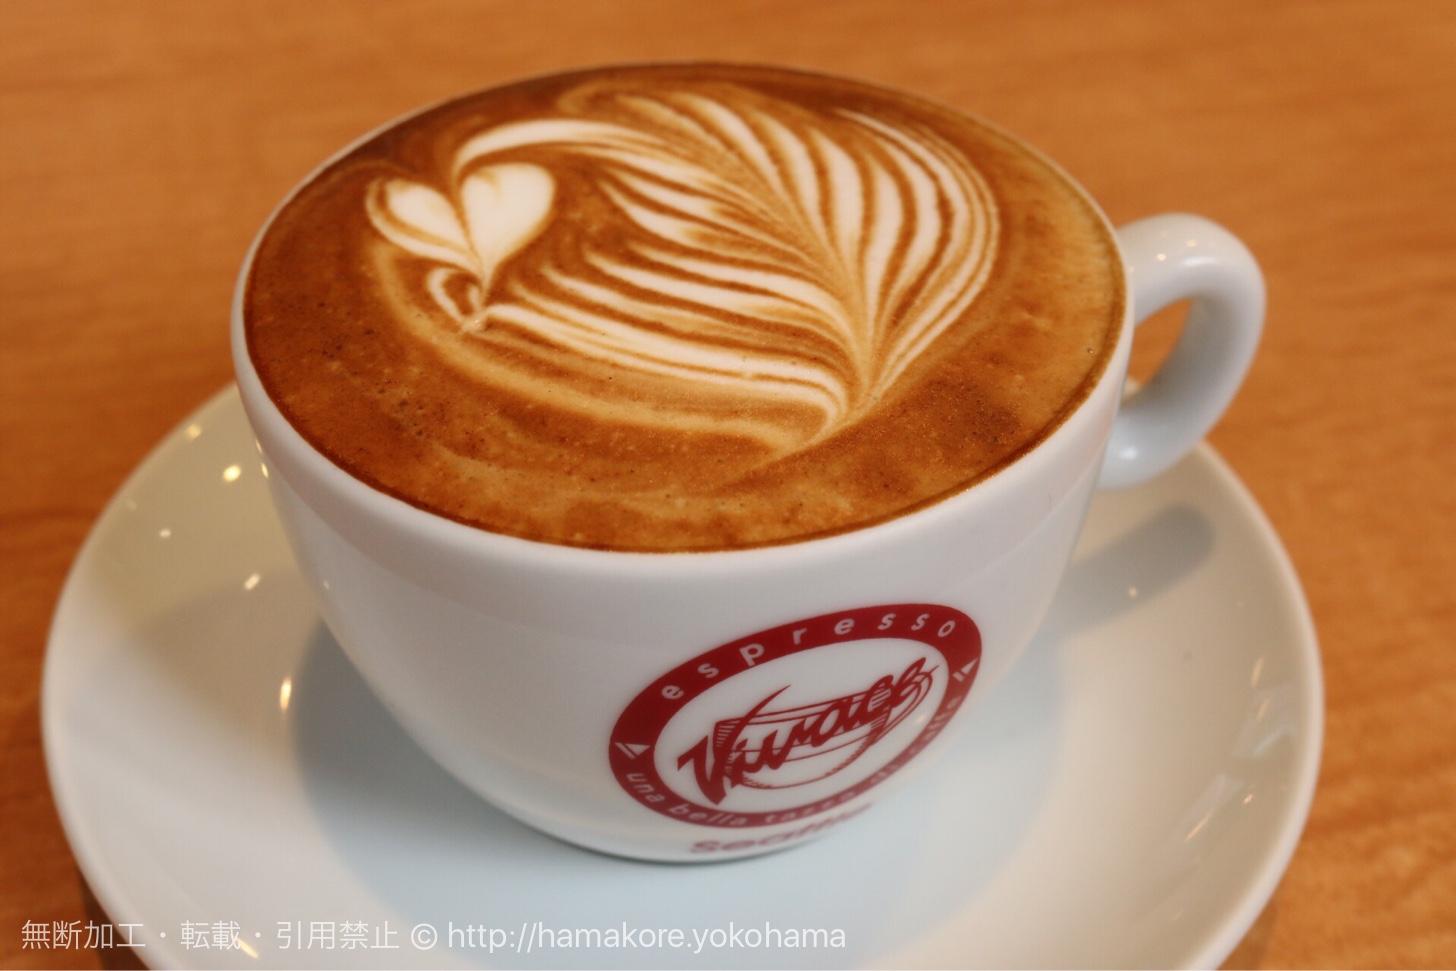 ビバーチェのコーヒー豆が飲める!横浜「カフェエリオットアベニュー」に行って来た